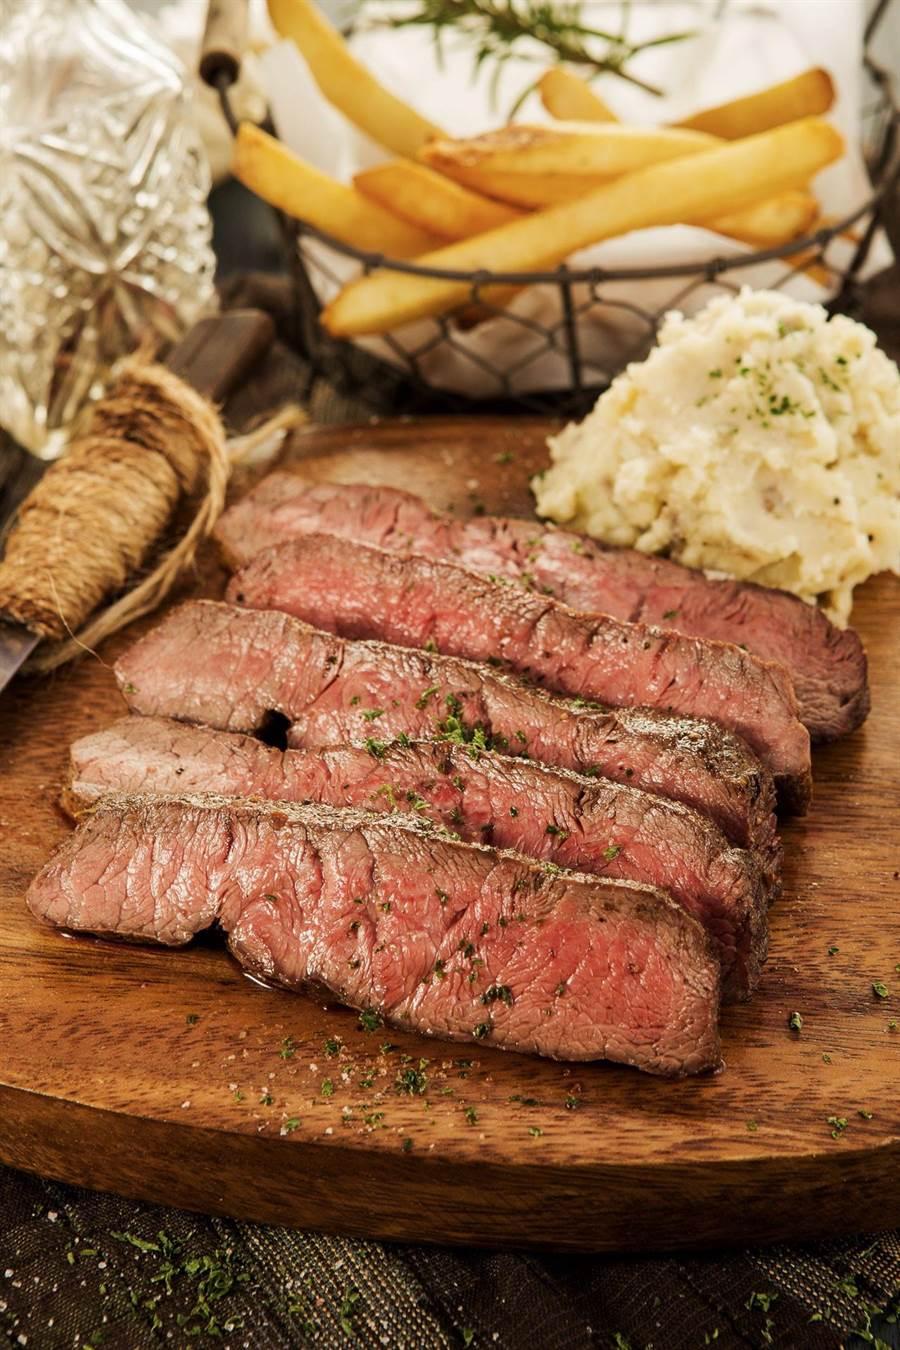 美國牛肉在台灣進口牛肉市占持續成長,在牛排館可以吃到不同部位美牛烤製的牛排。(圖/美國肉協)